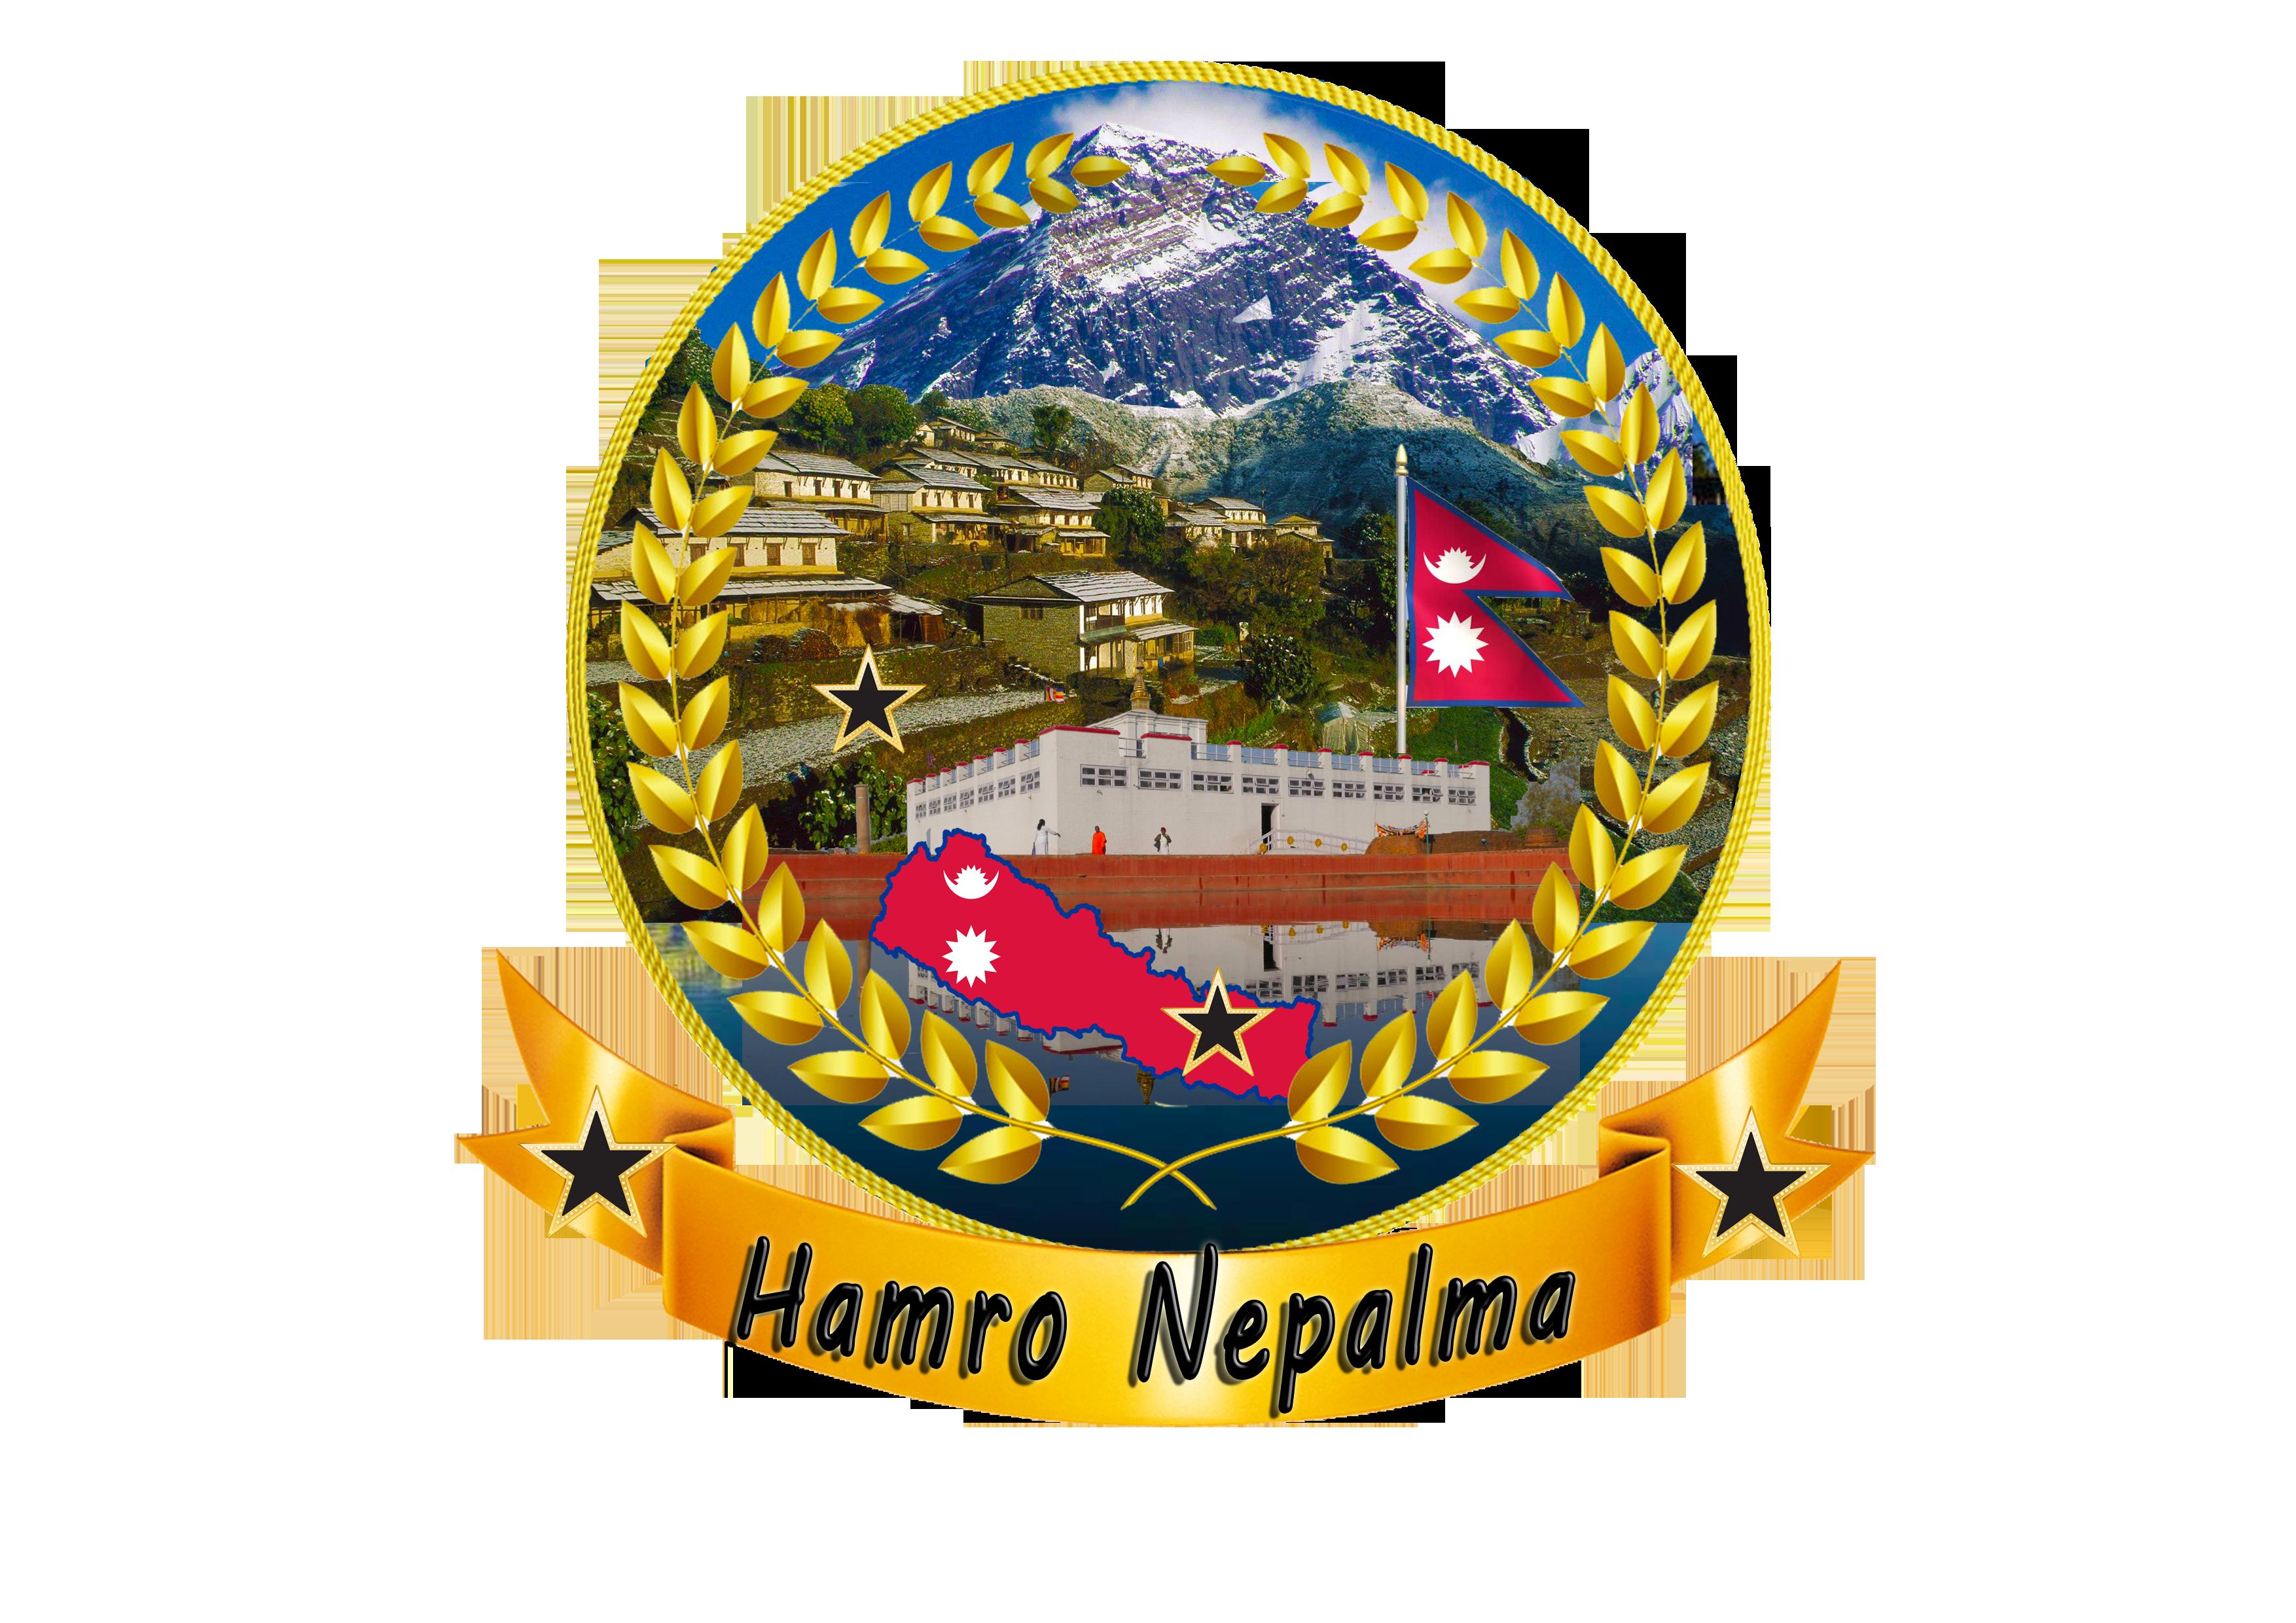 Hamro nepalma